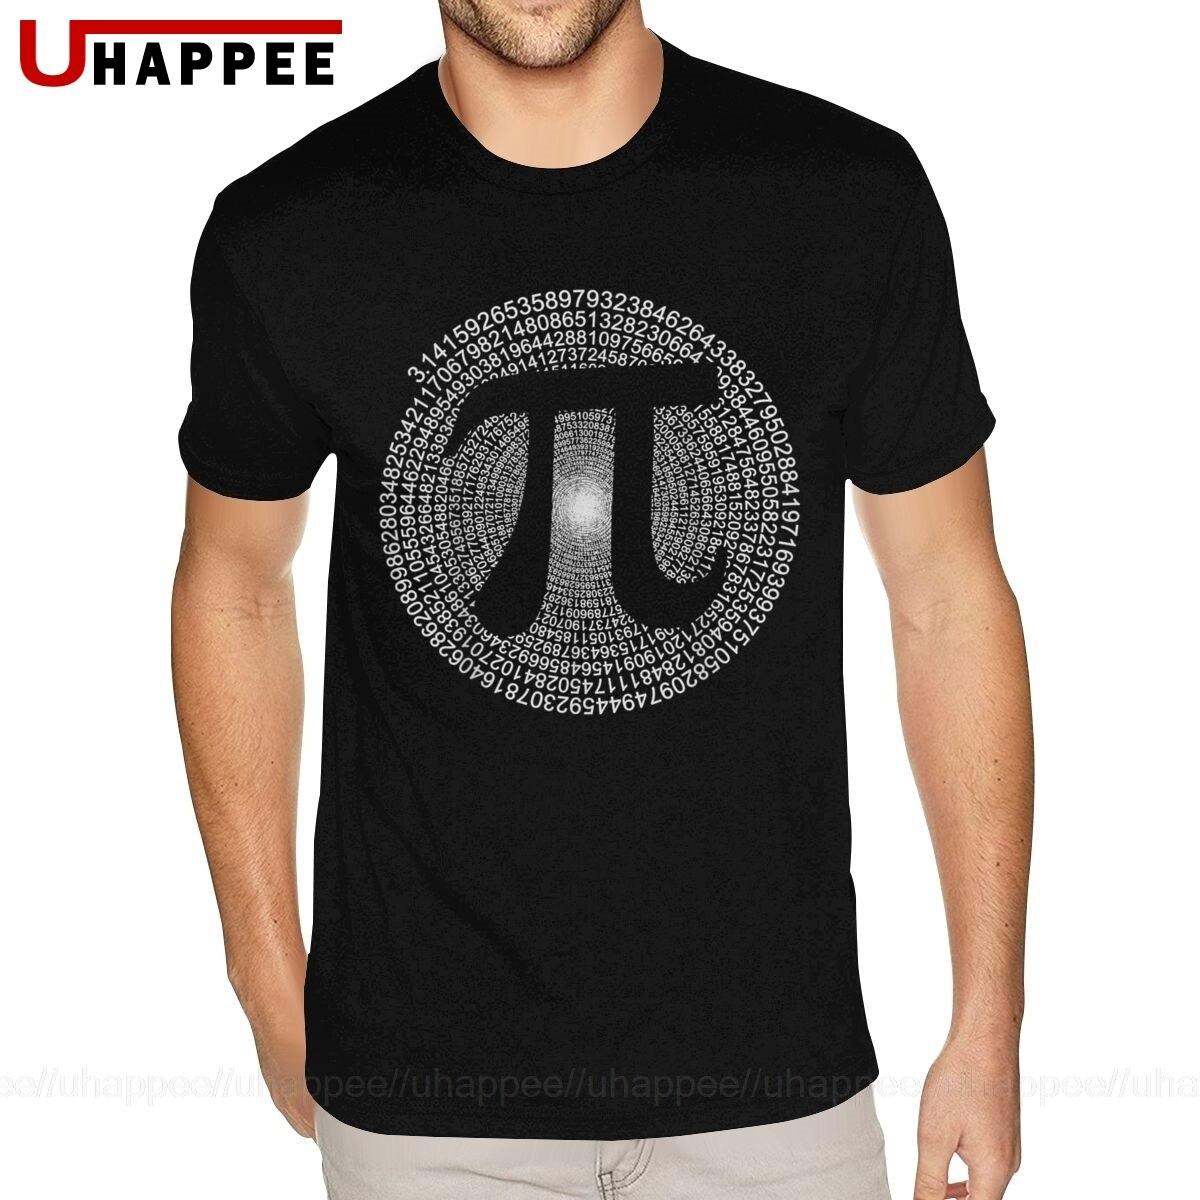 Классическая футболка Pi 3,14 Pi символ цифры математика, подарок на науку, футболки для мужчин, сделай свой собственный короткий рукав, мягкая ...